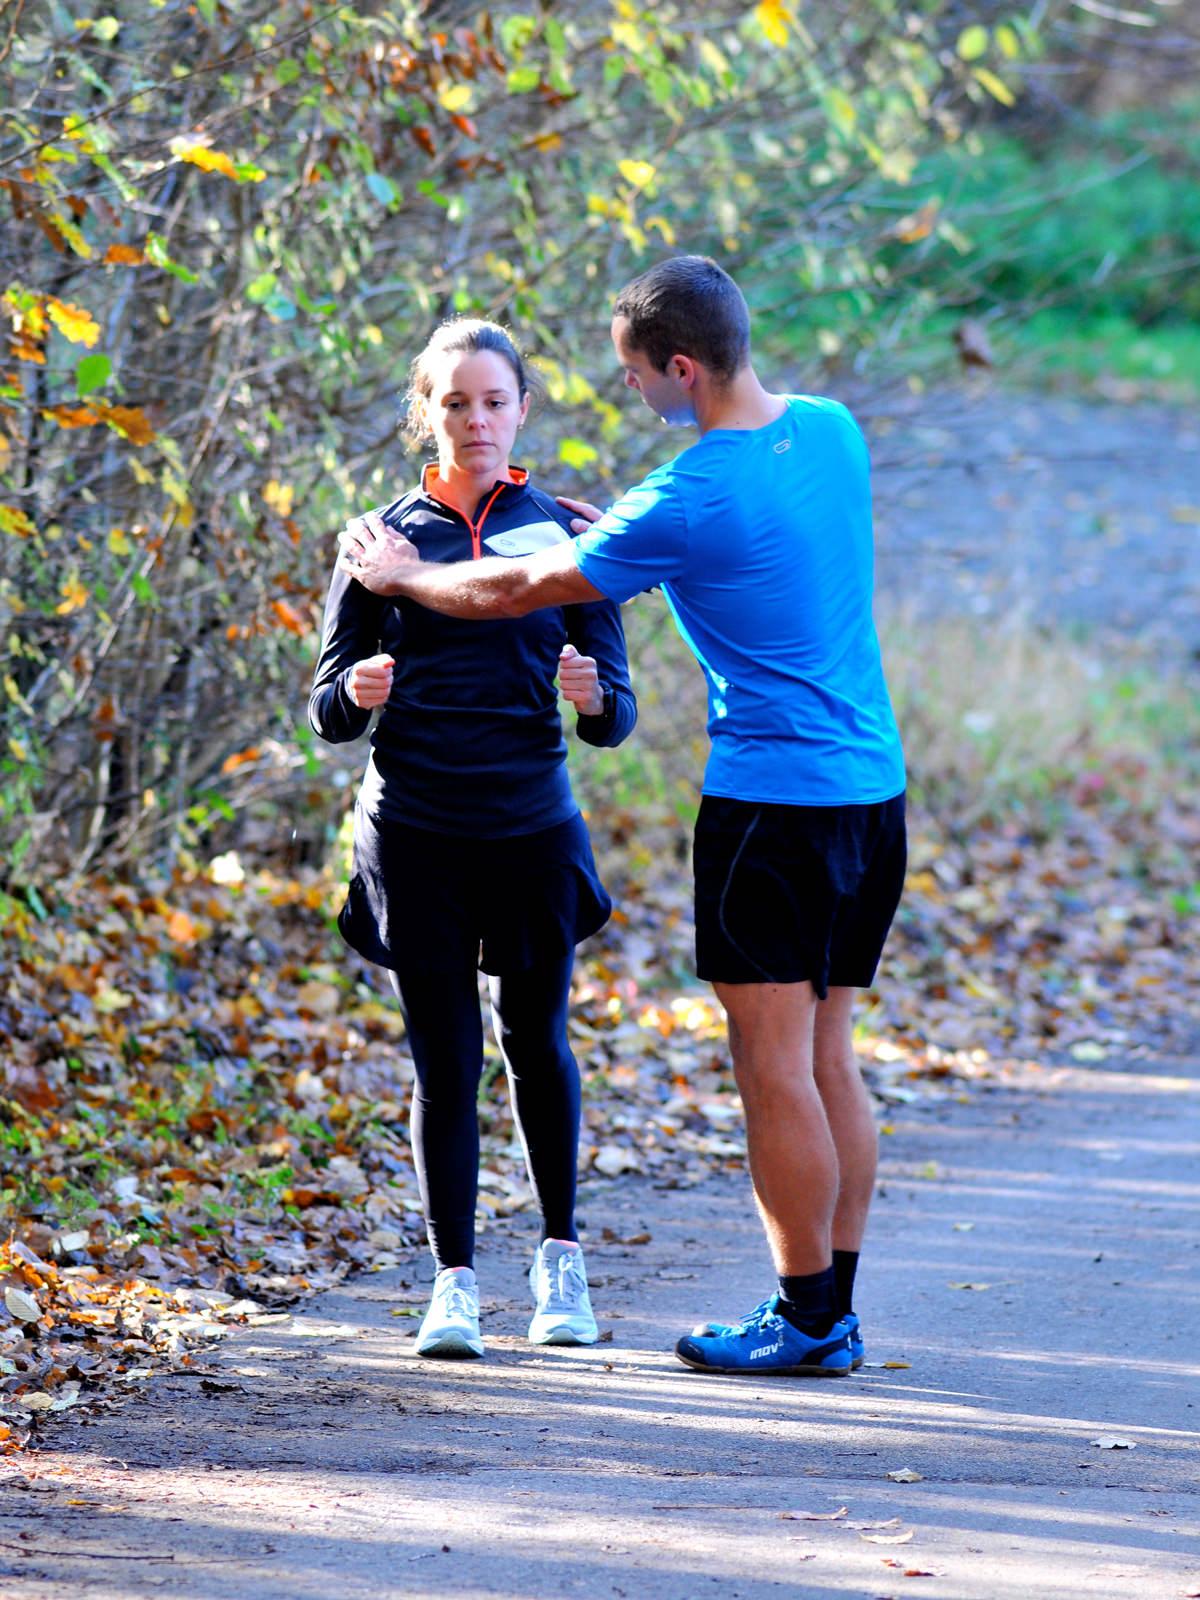 Personal Training, um wieder schmerzfrei Sport machen zu können